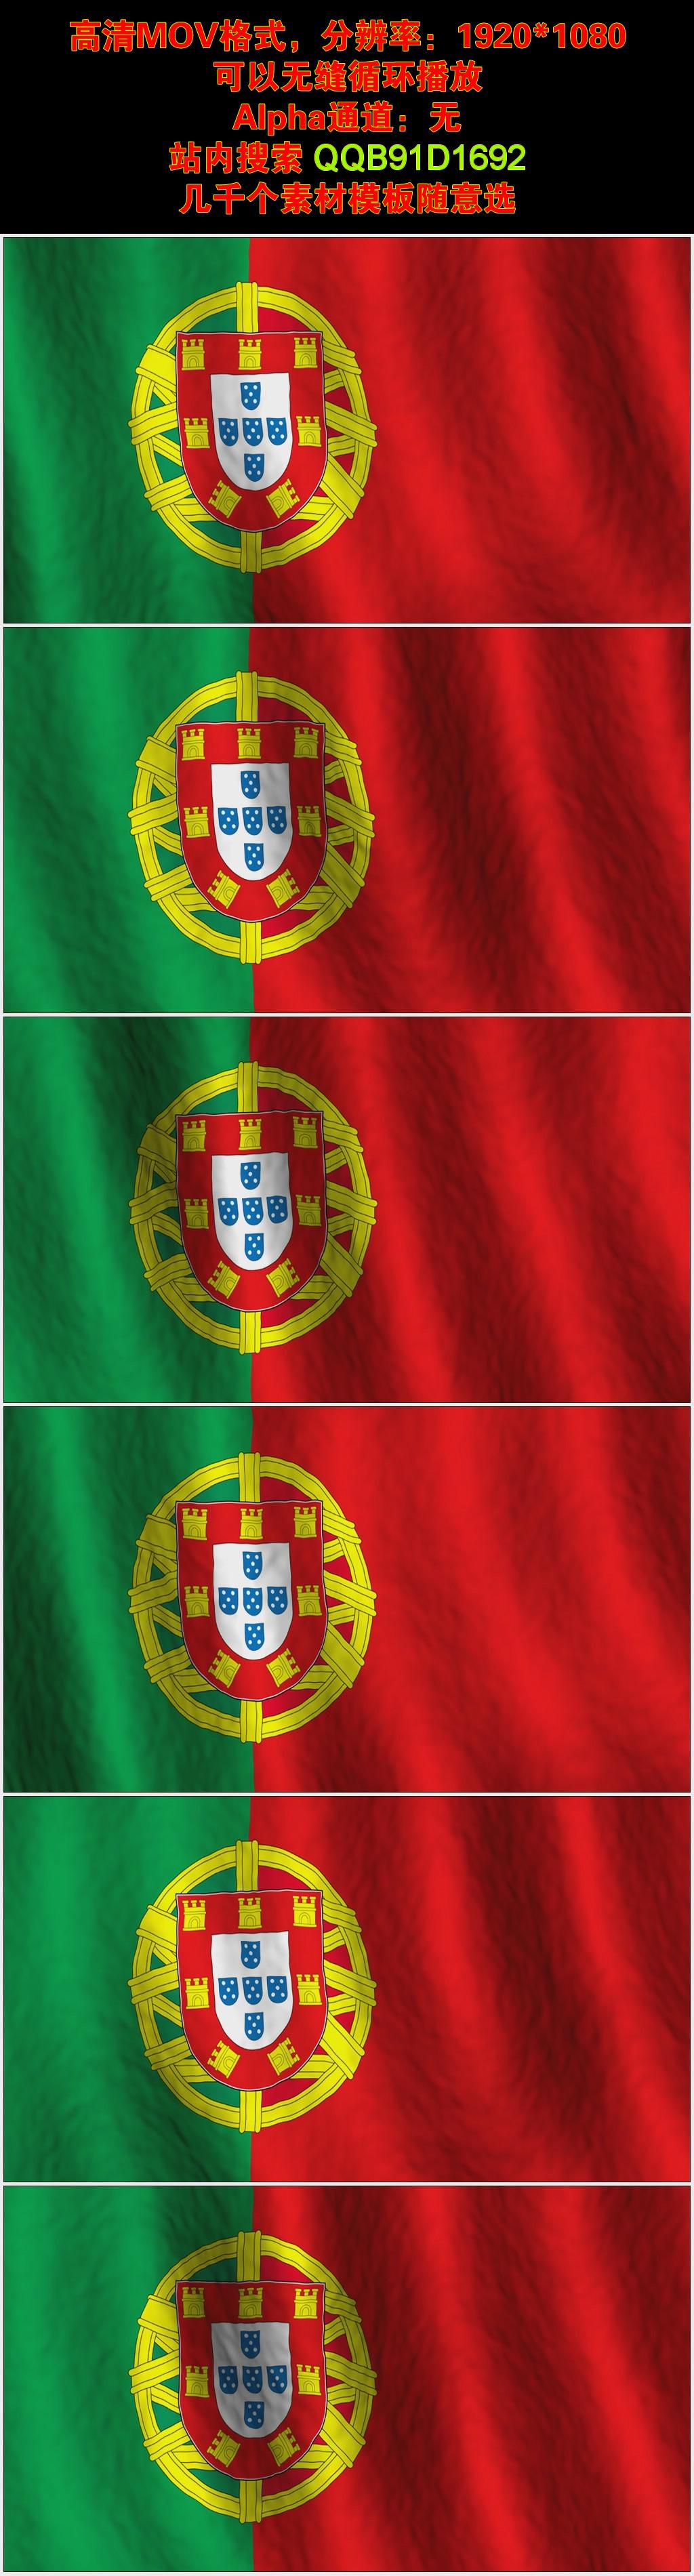 葡萄牙国旗视频素材vj背景模板下载 11730255 LED视频素材 动态视频图片